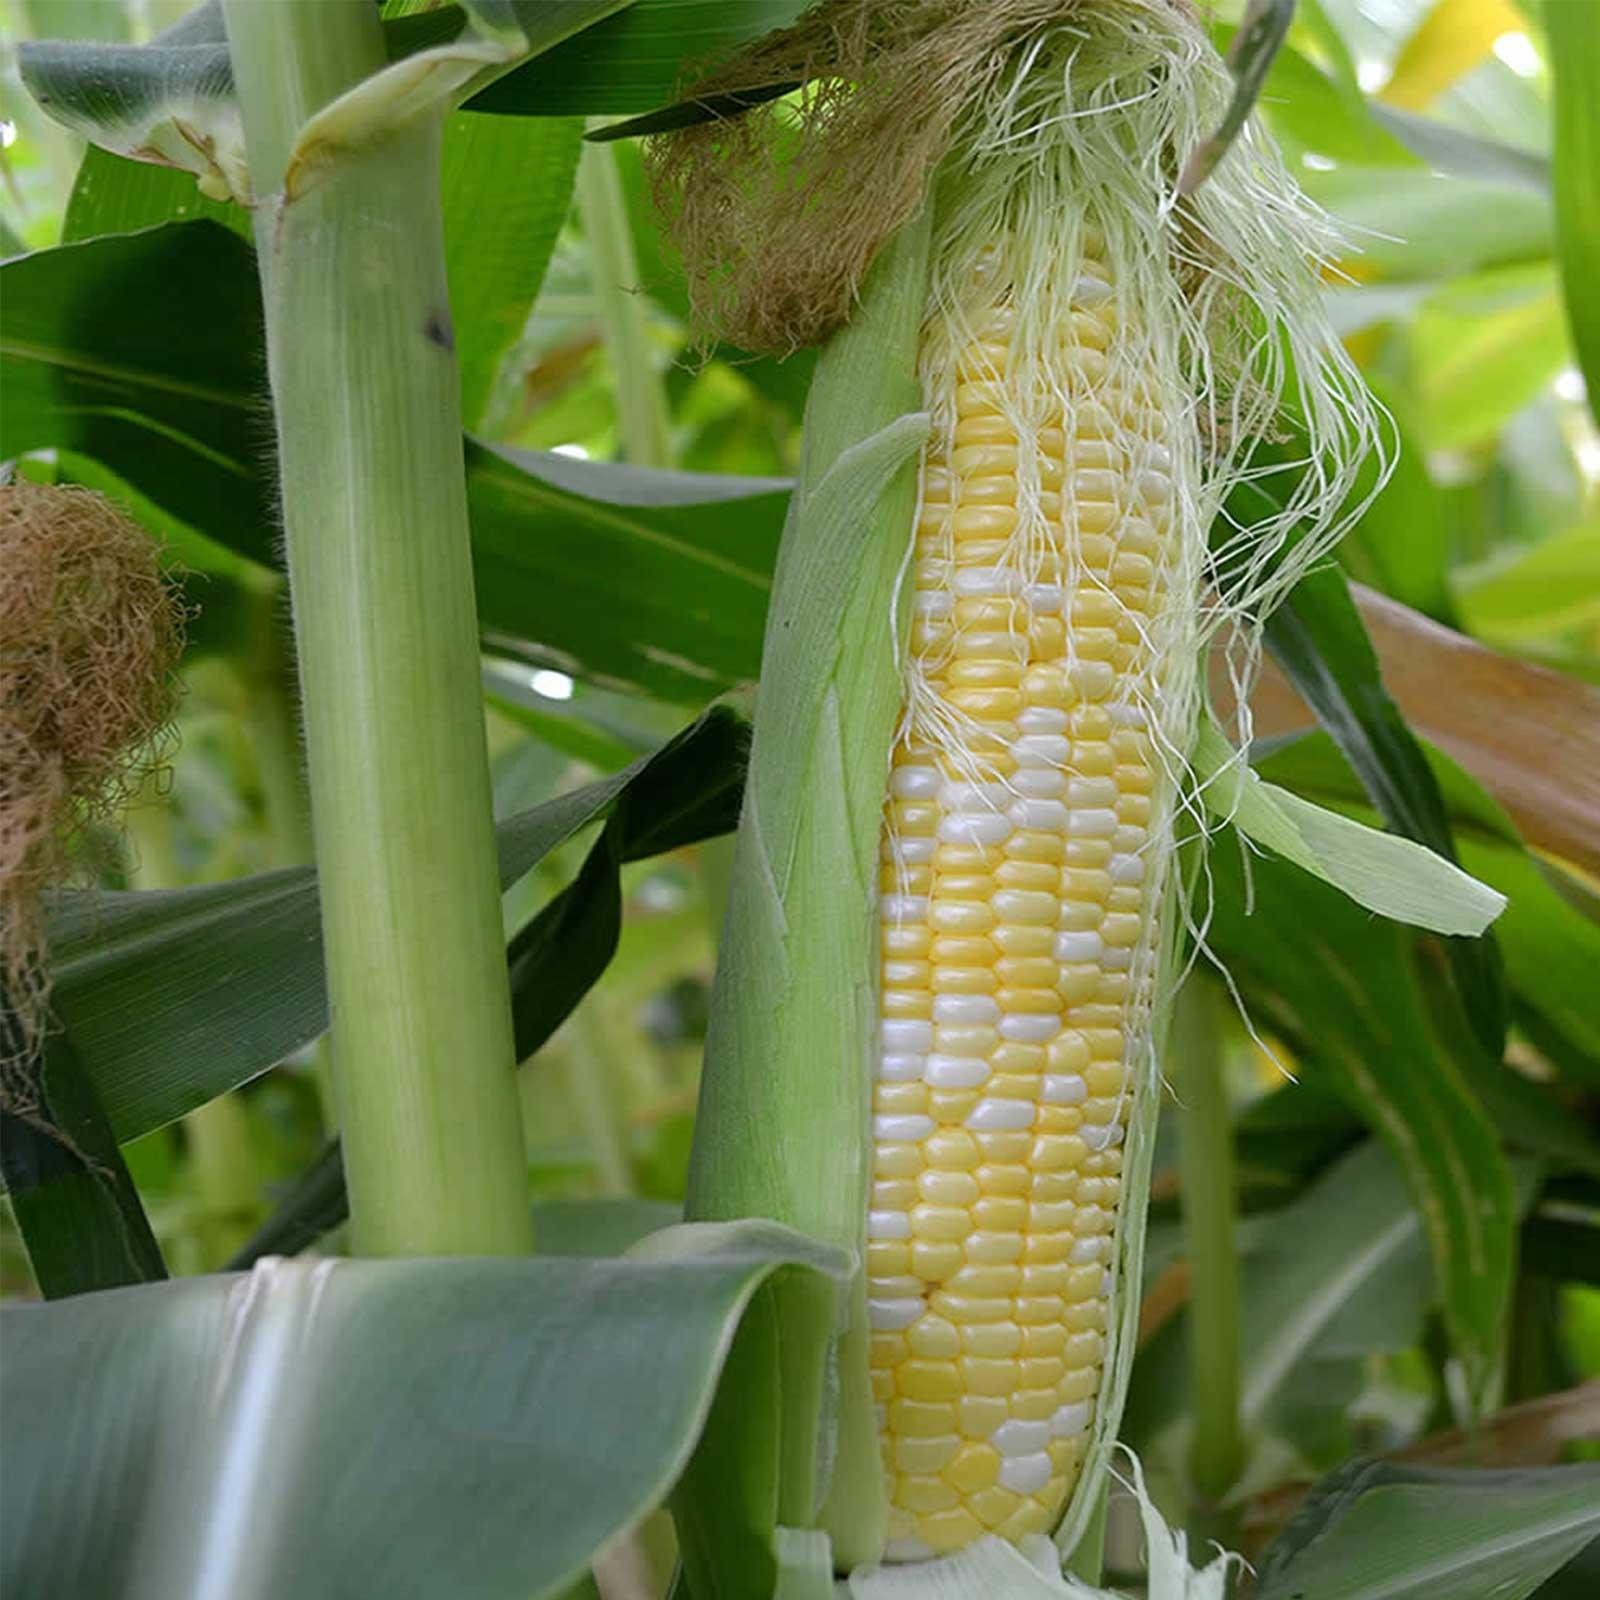 Mountain Valley Seed Company Peaches & Cream Hybrid Corn Garden Seeds - 25 Lb Bulk - Non-GMO